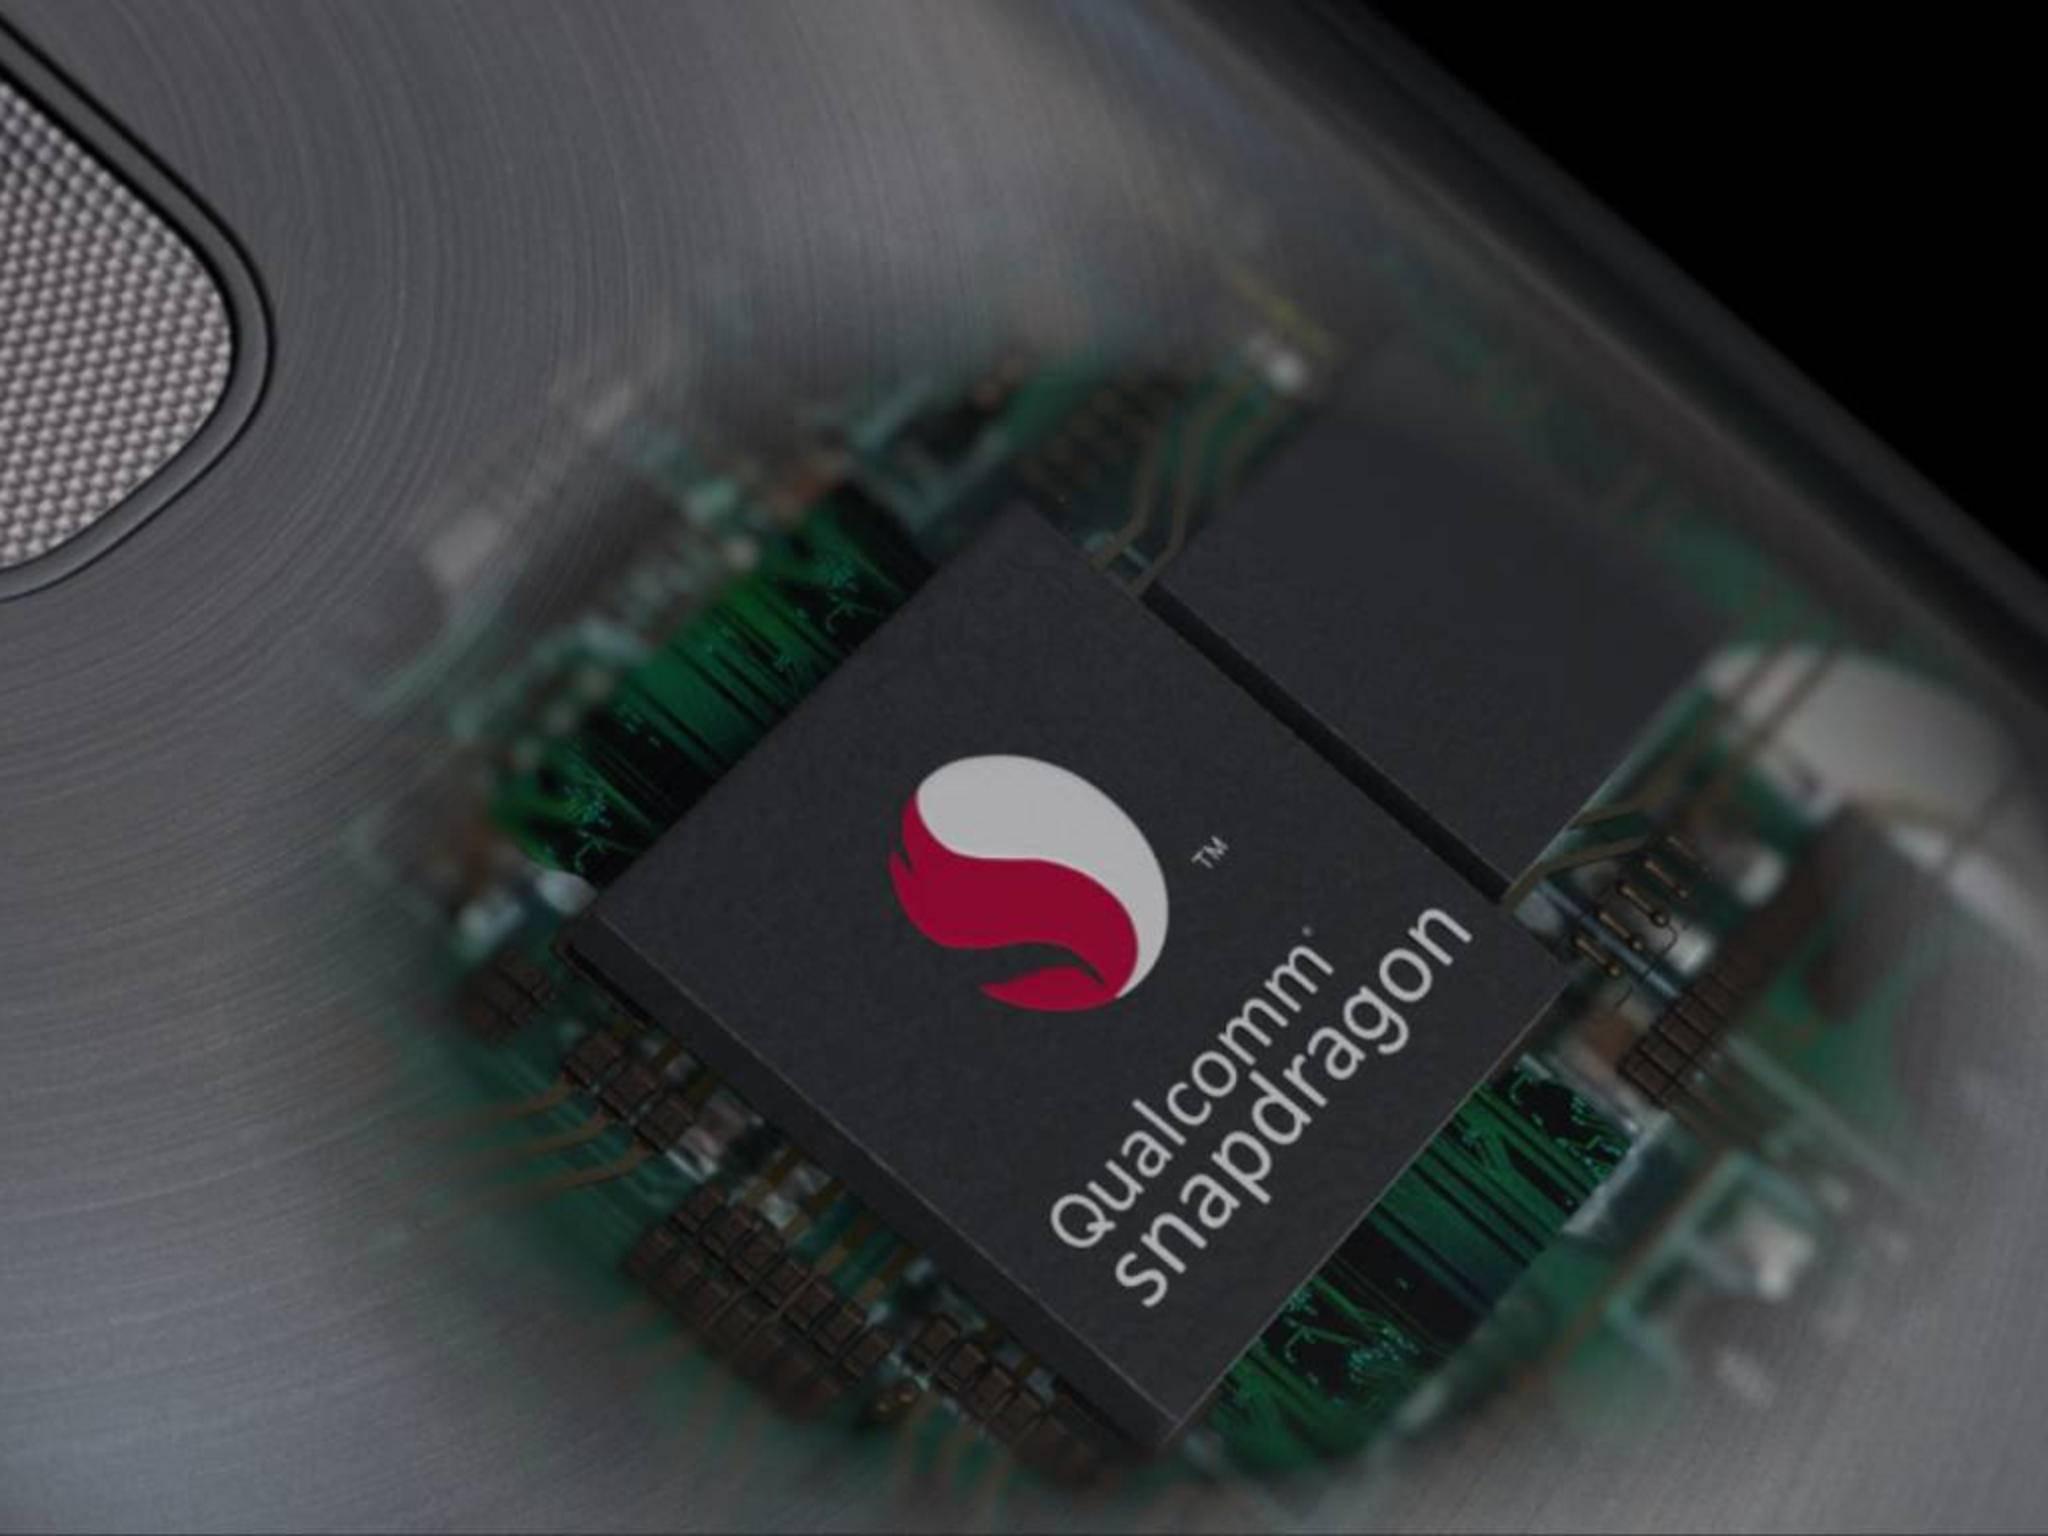 Der nächste Snapdragon-Prozessor könnte schon Ende 2015 erhältlich sein.